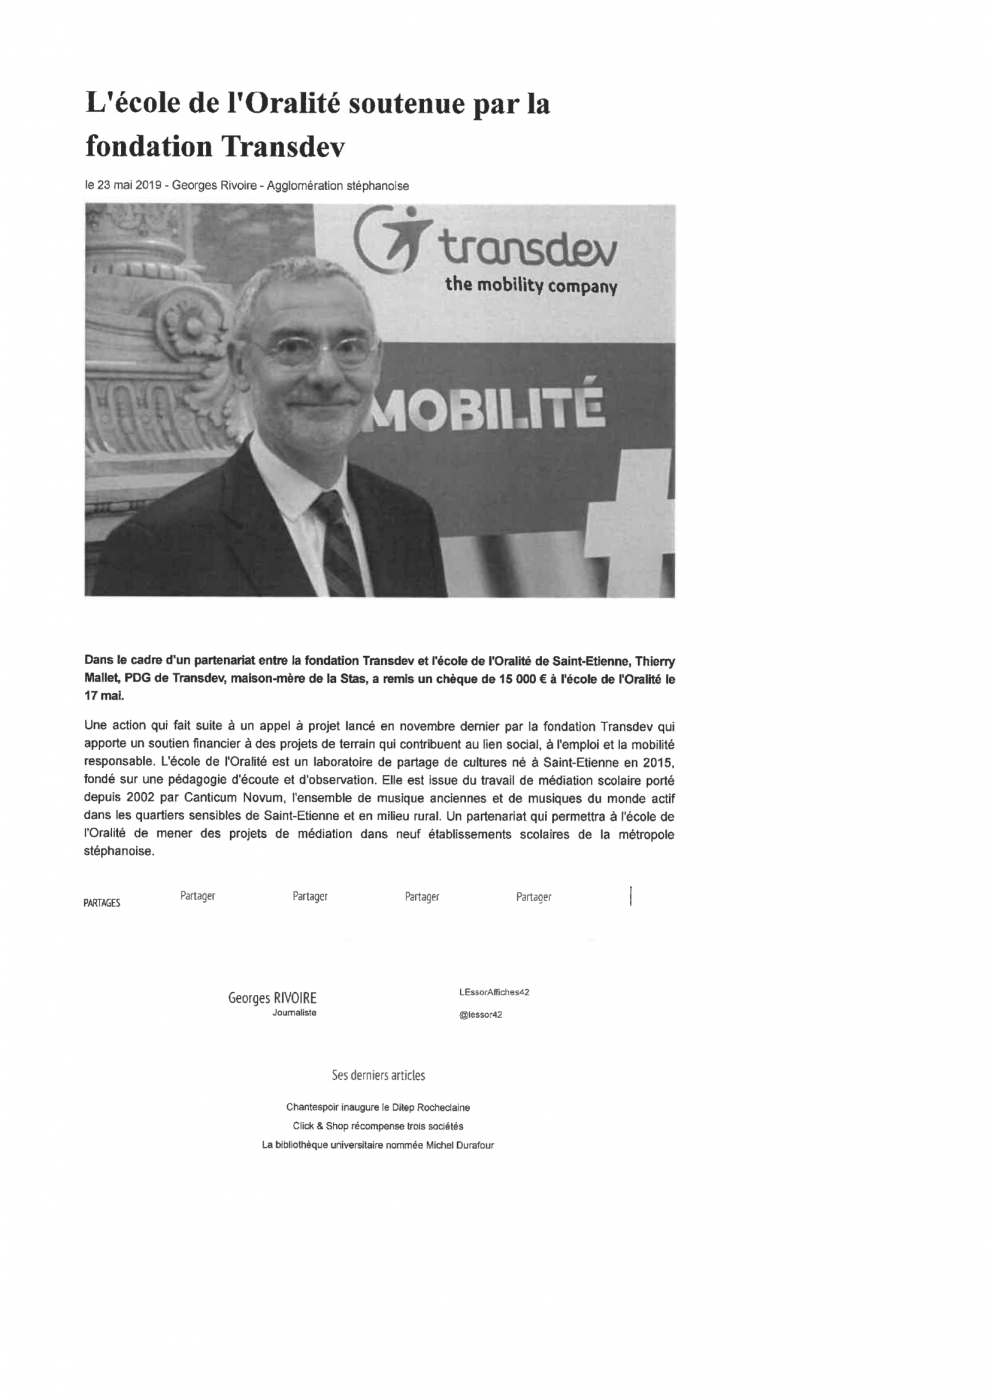 article : L'école de l'oralité soutenue par la fondation Transdev